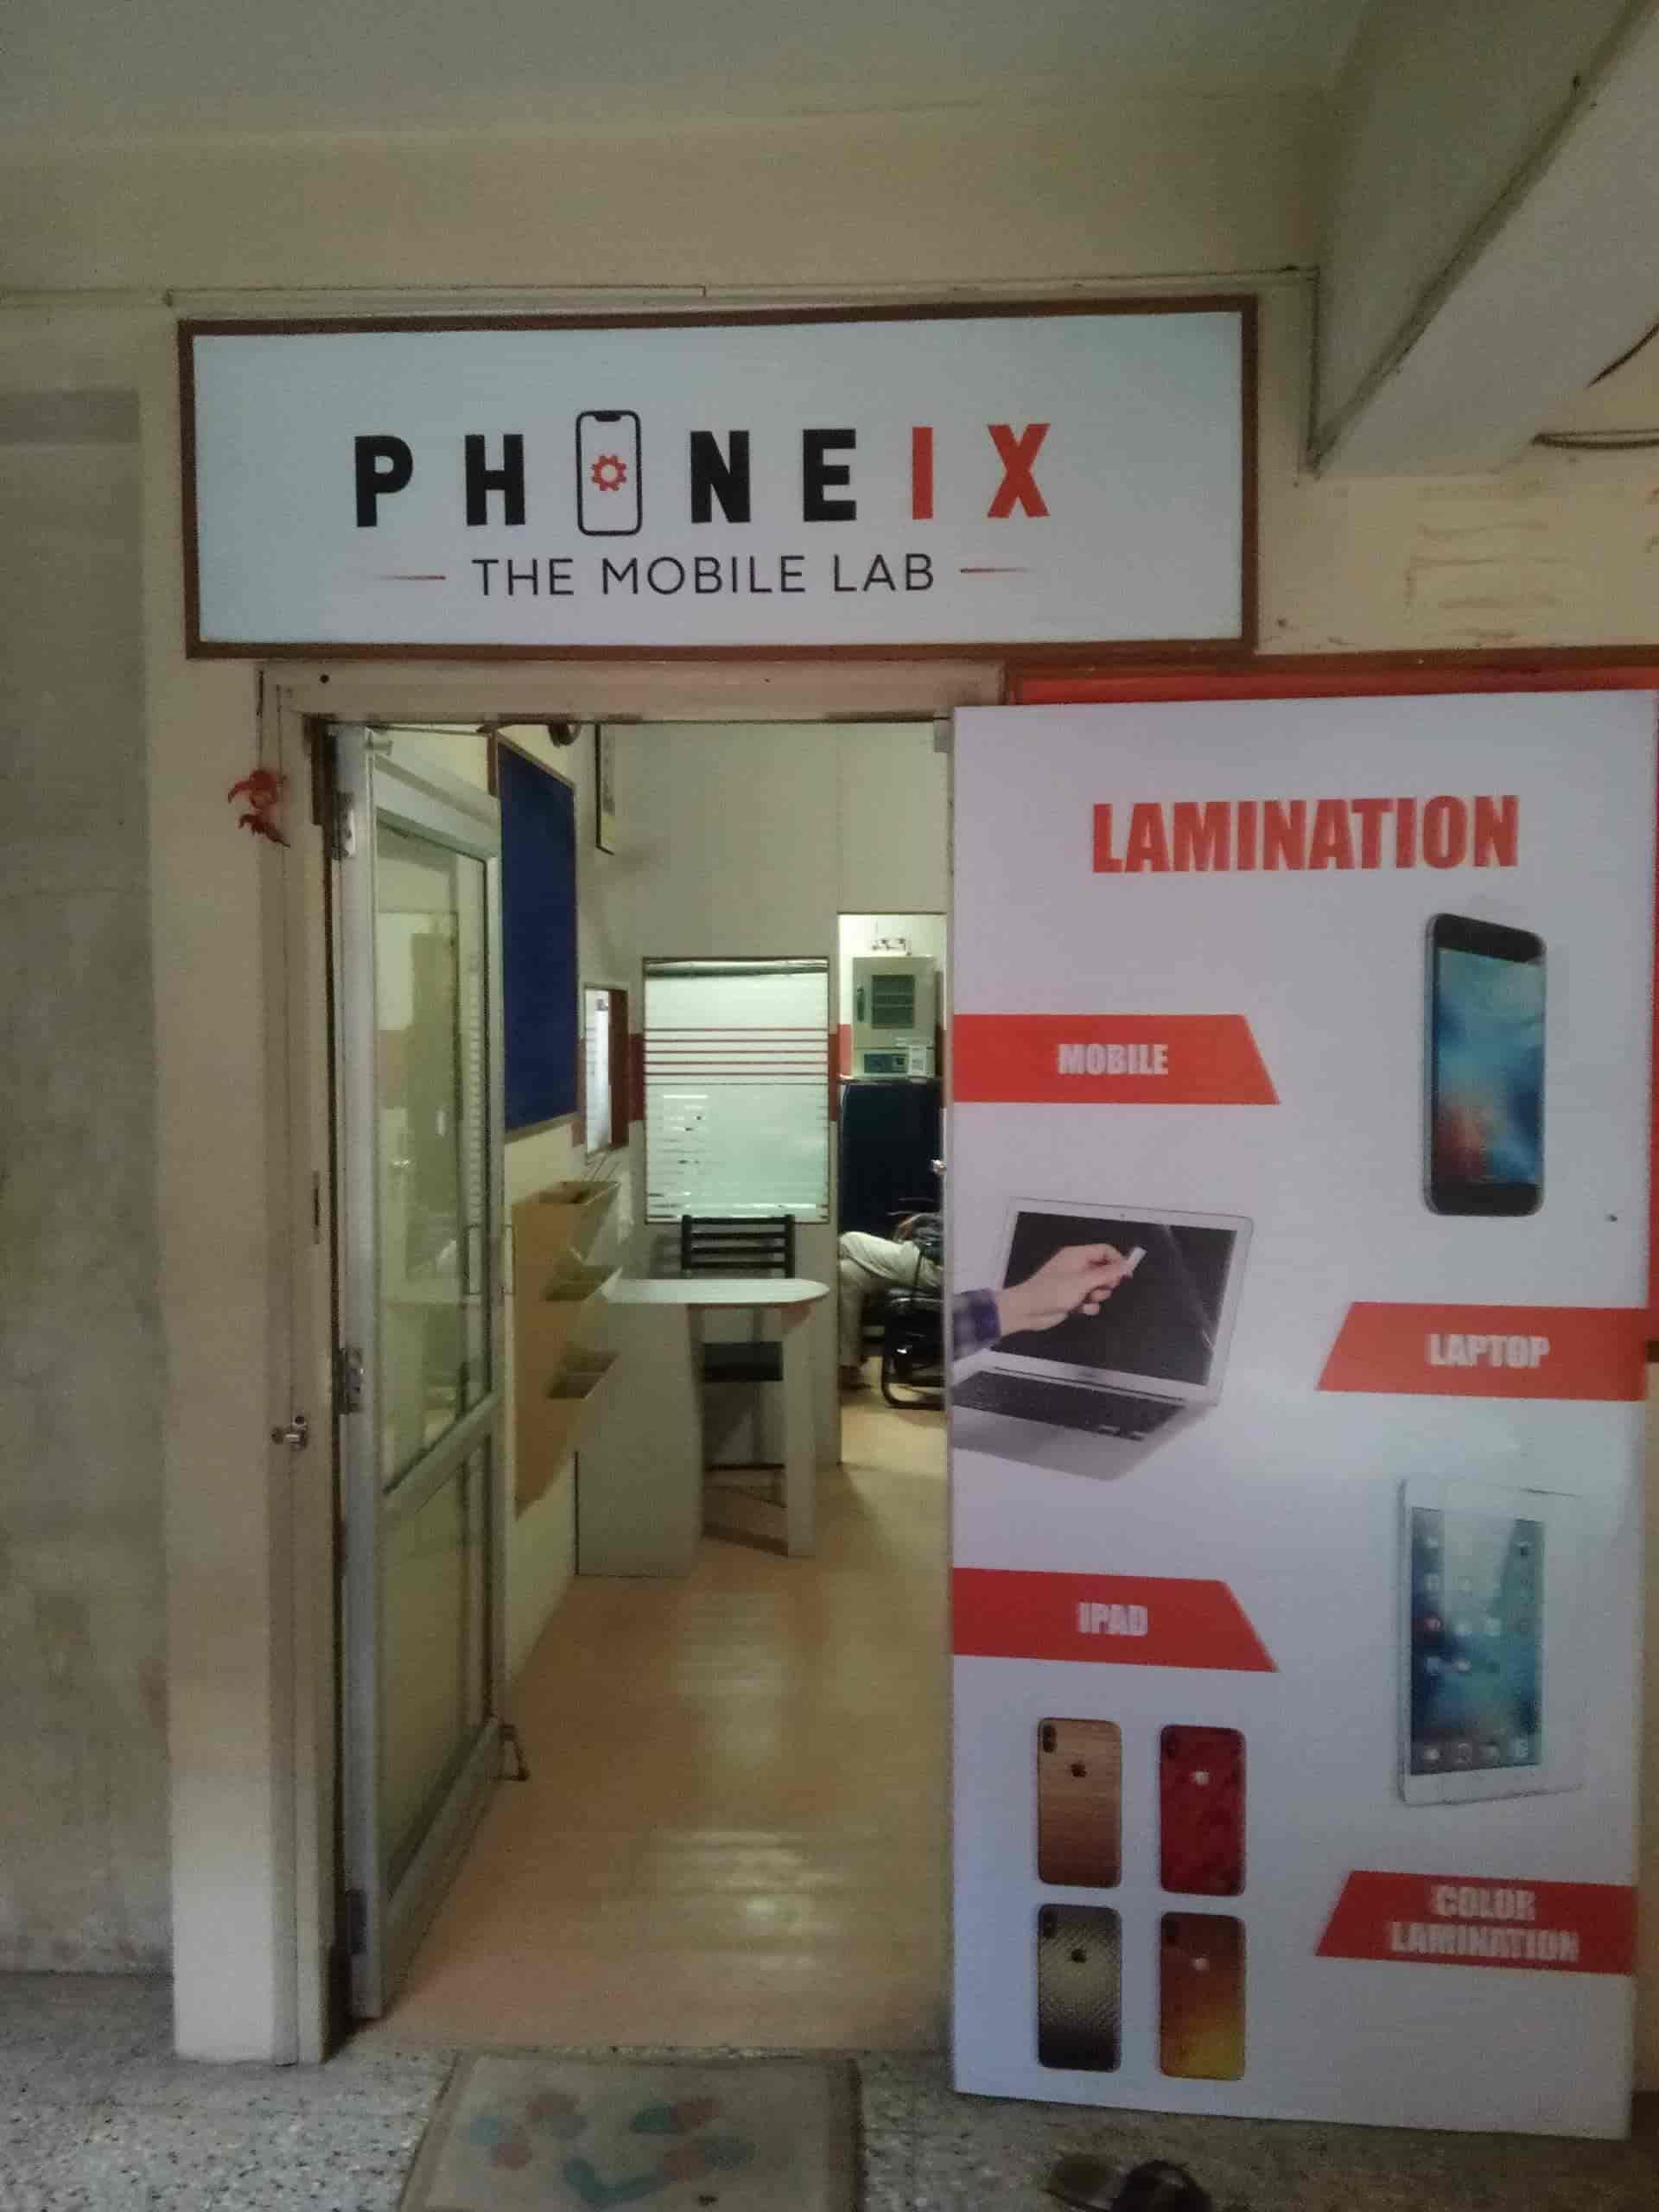 Phoneix The Mobile Lab, Sardarnagar Main Road - Mobile Phone